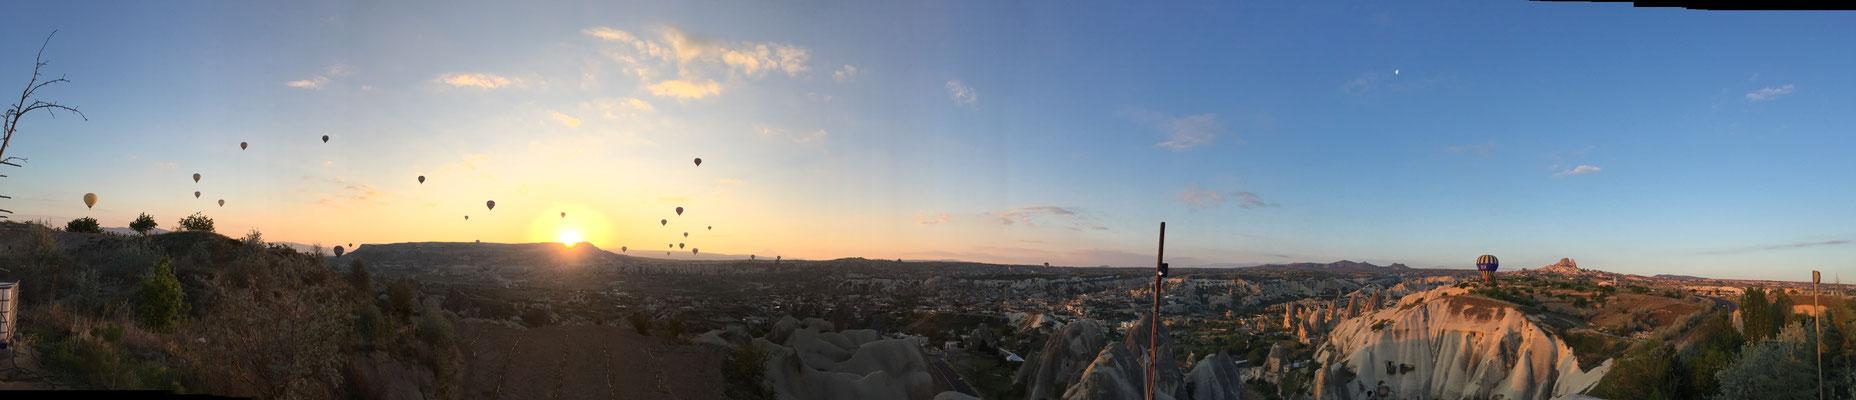 Jetzt ist der Sonnenaufgang da.